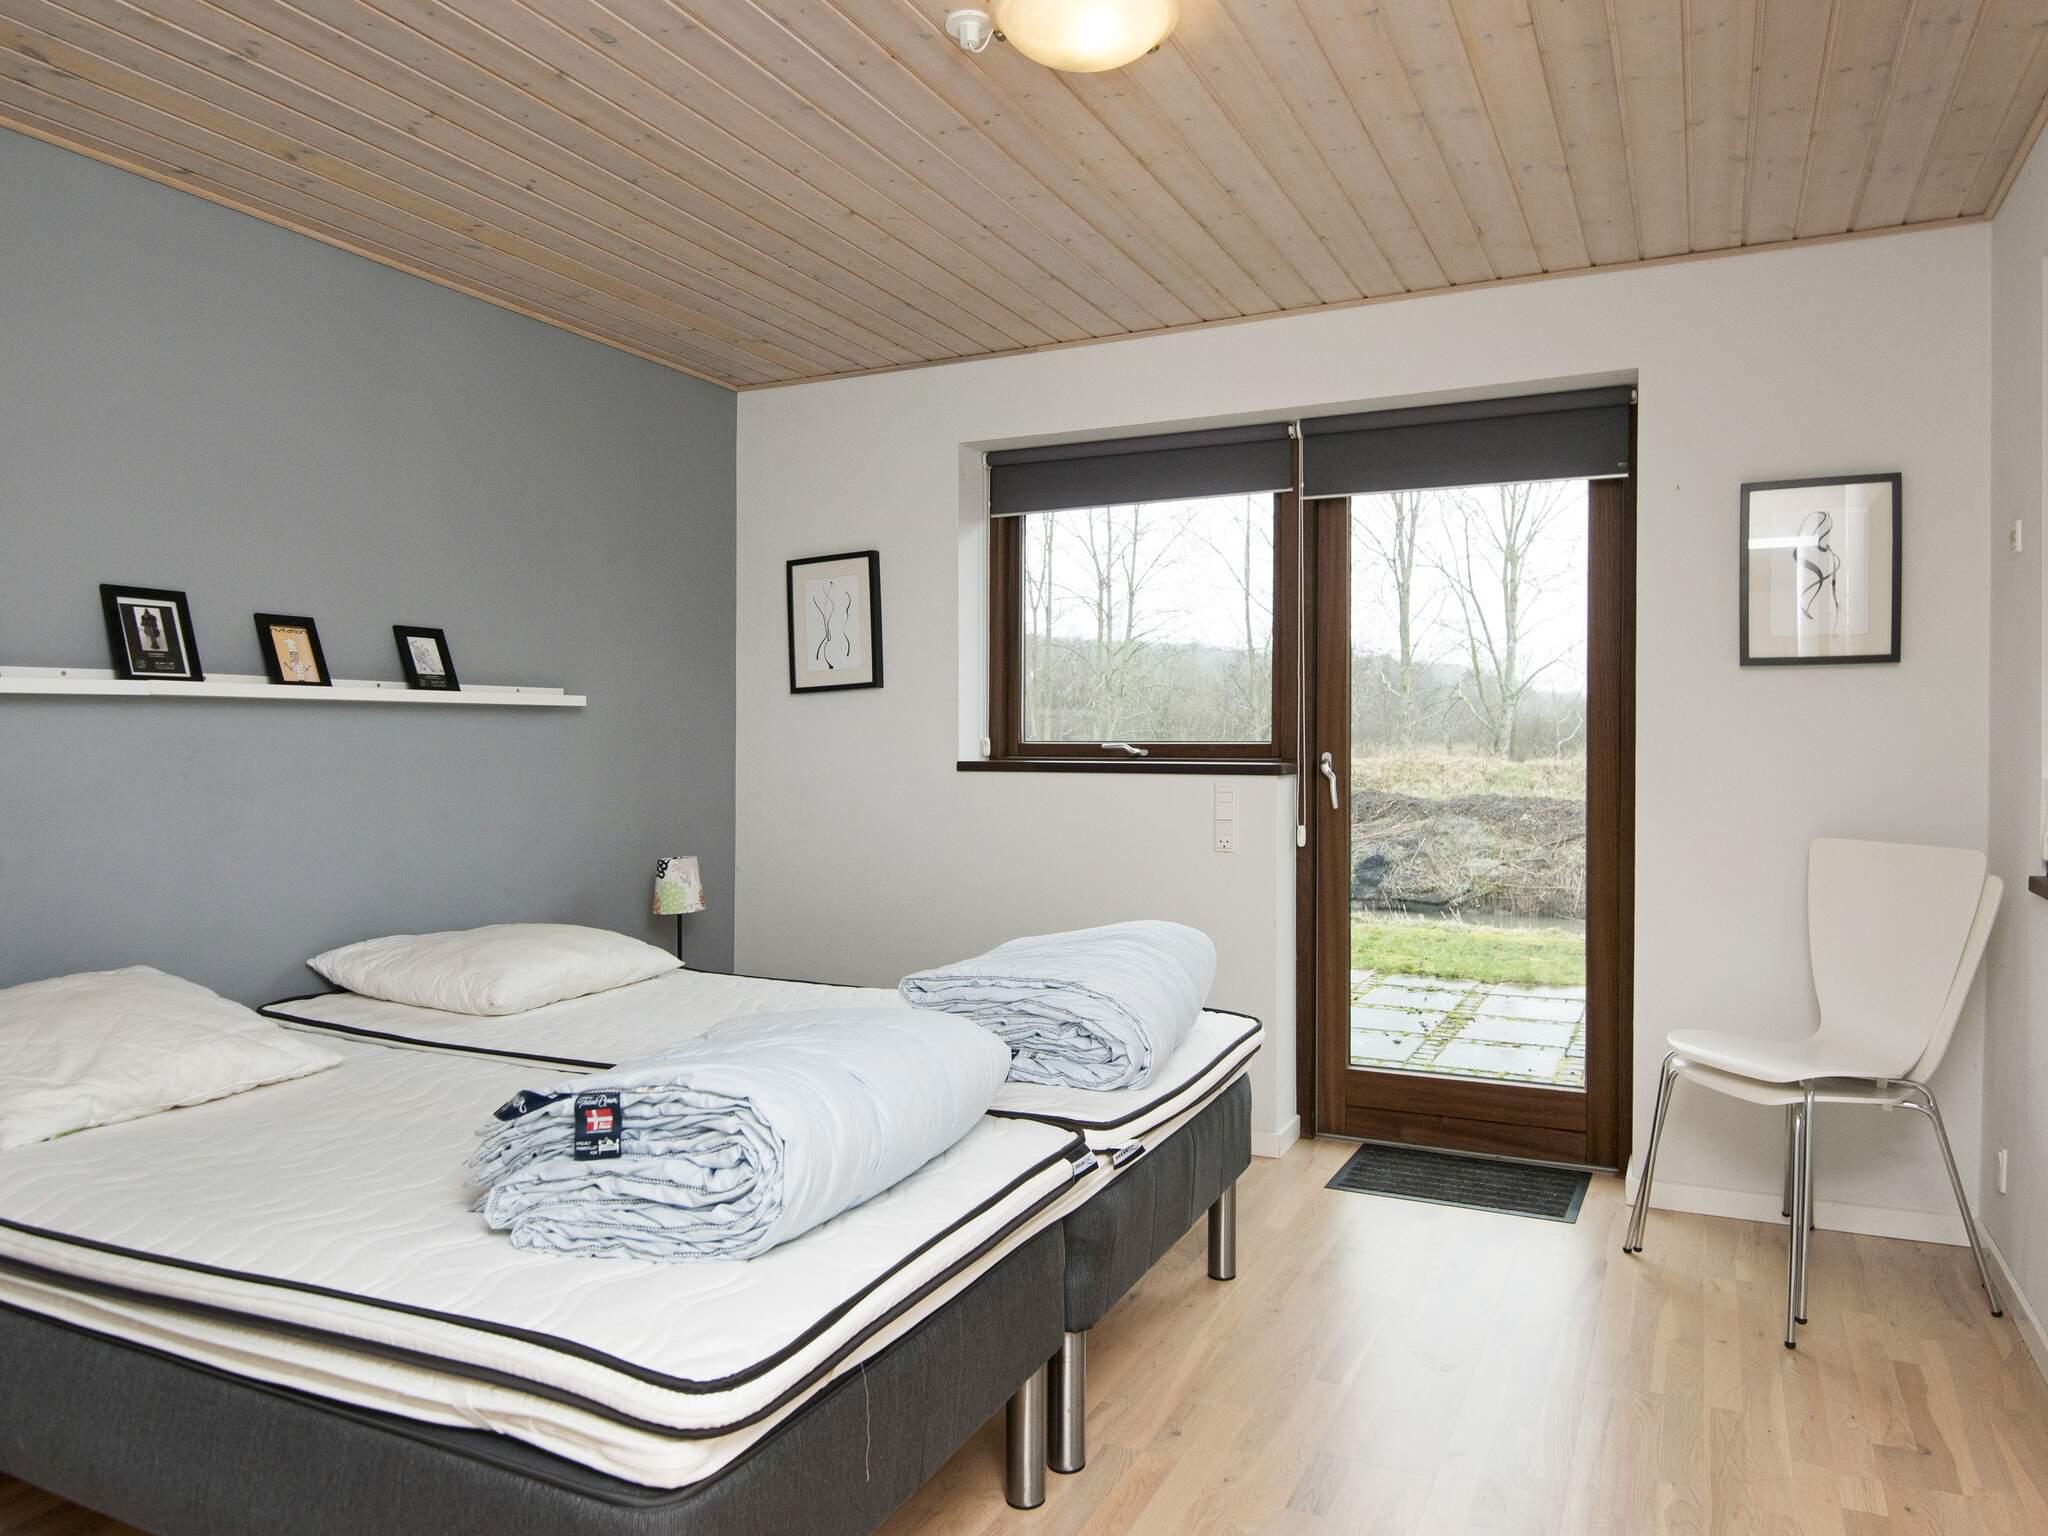 Ferienhaus Binderup Strand (482362), Binderup, , Dänische Ostsee, Dänemark, Bild 9